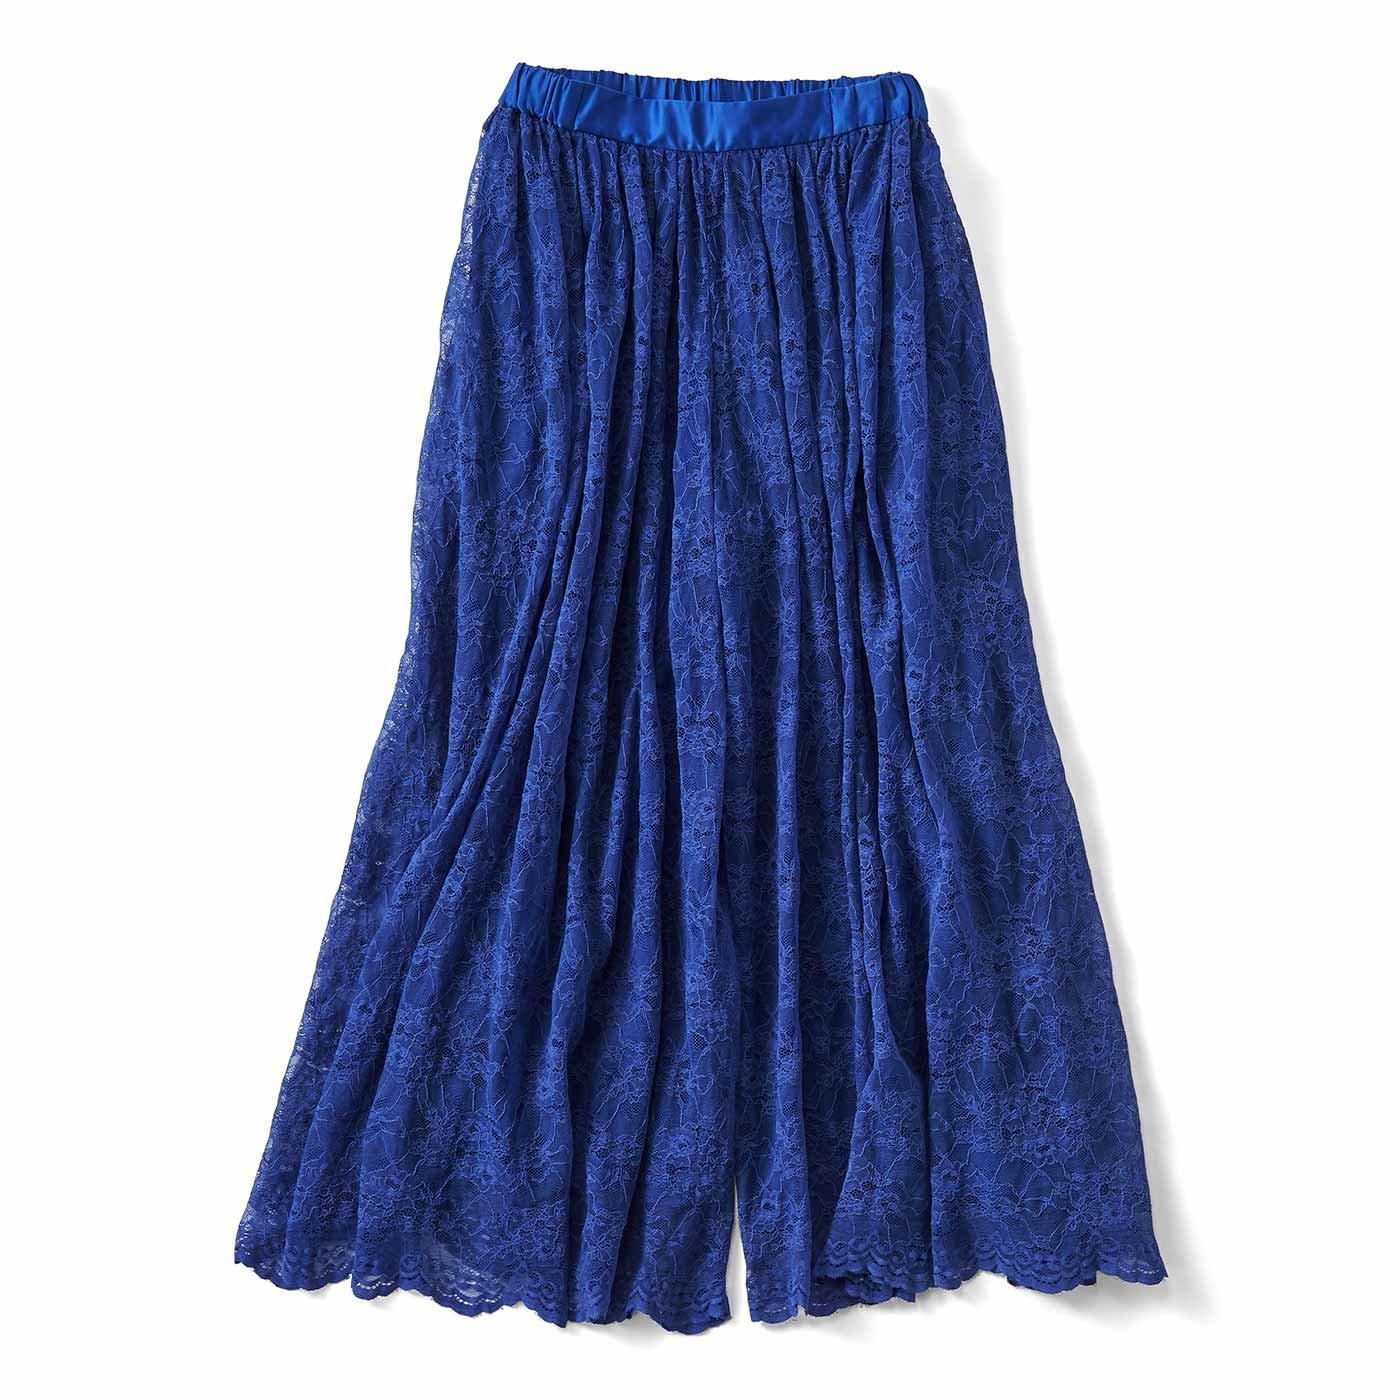 【3~10日でお届け】IEDIT[イディット] 吸汗速乾裏地付きのスカート見えシアーレースパンツ〈ロイヤルブルー〉